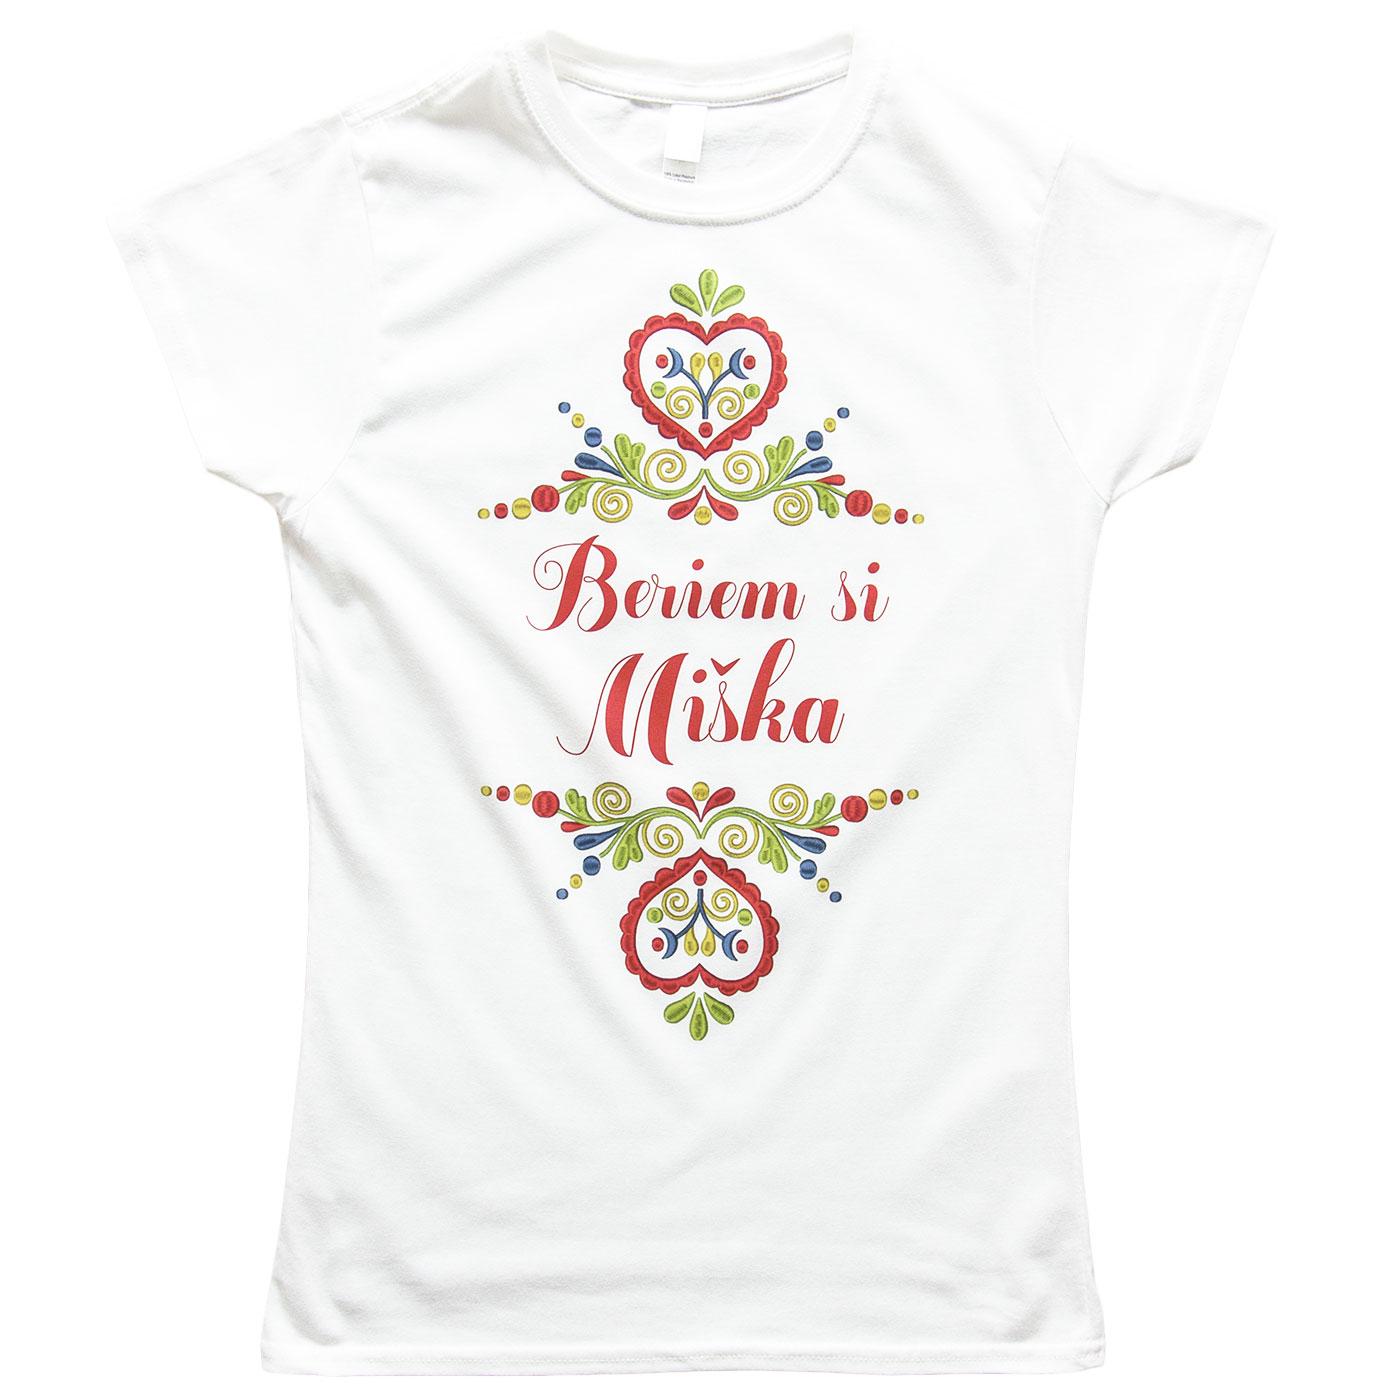 Nevestička a Ženích ♥ - trička na želanie podľa vlastných predstáv - Beriem si .... (na ľudovú nôtu)